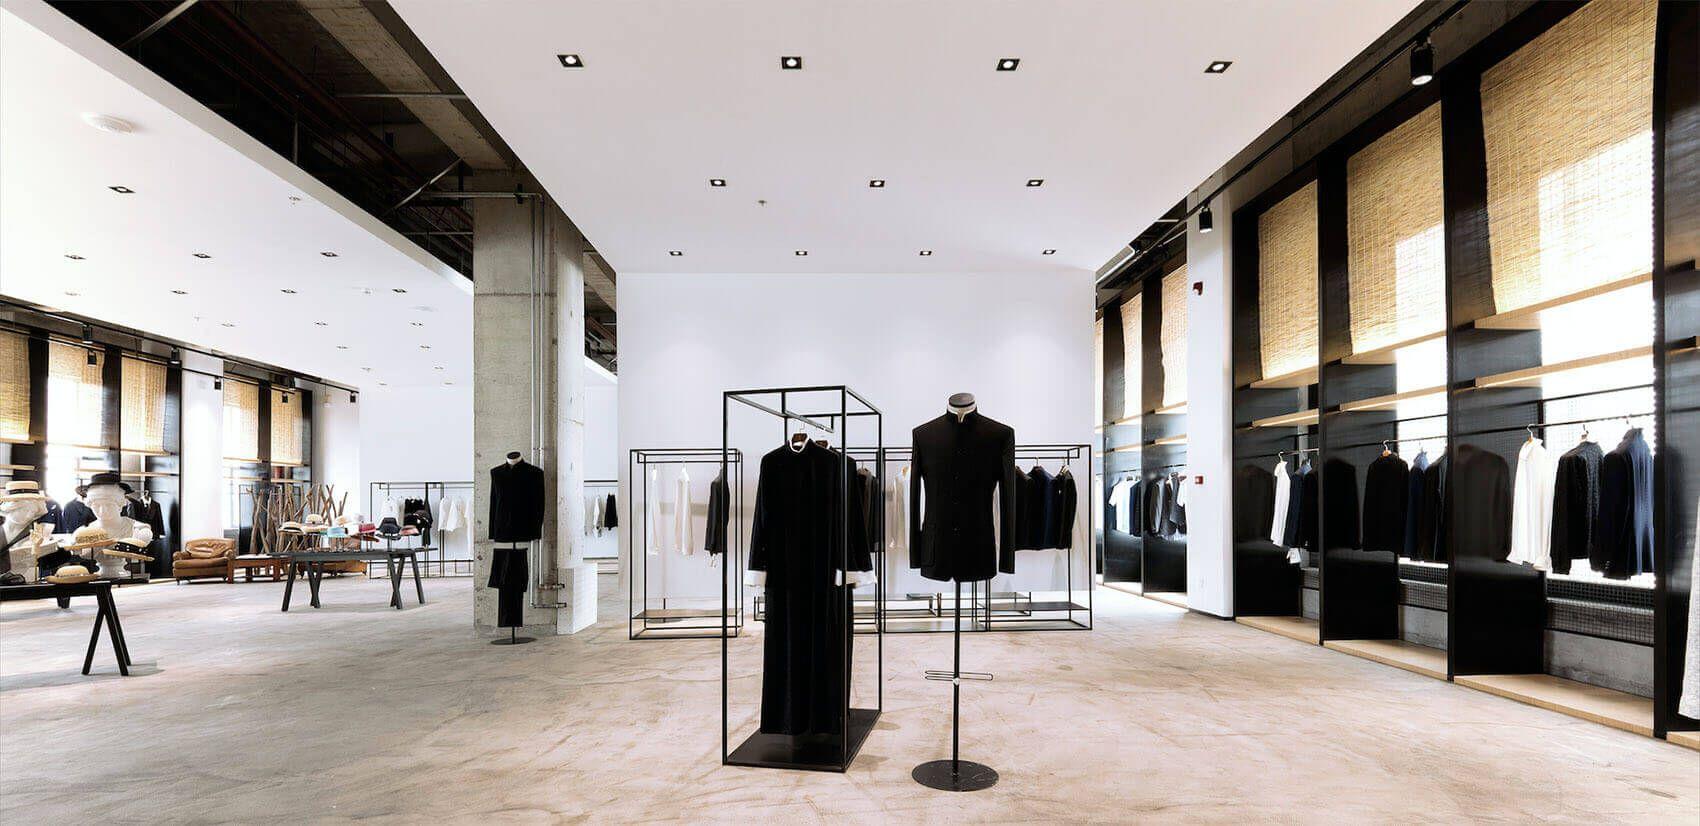 时尚工业风:北京服装学院容成时尚创意产业园办公空间设计| - 6